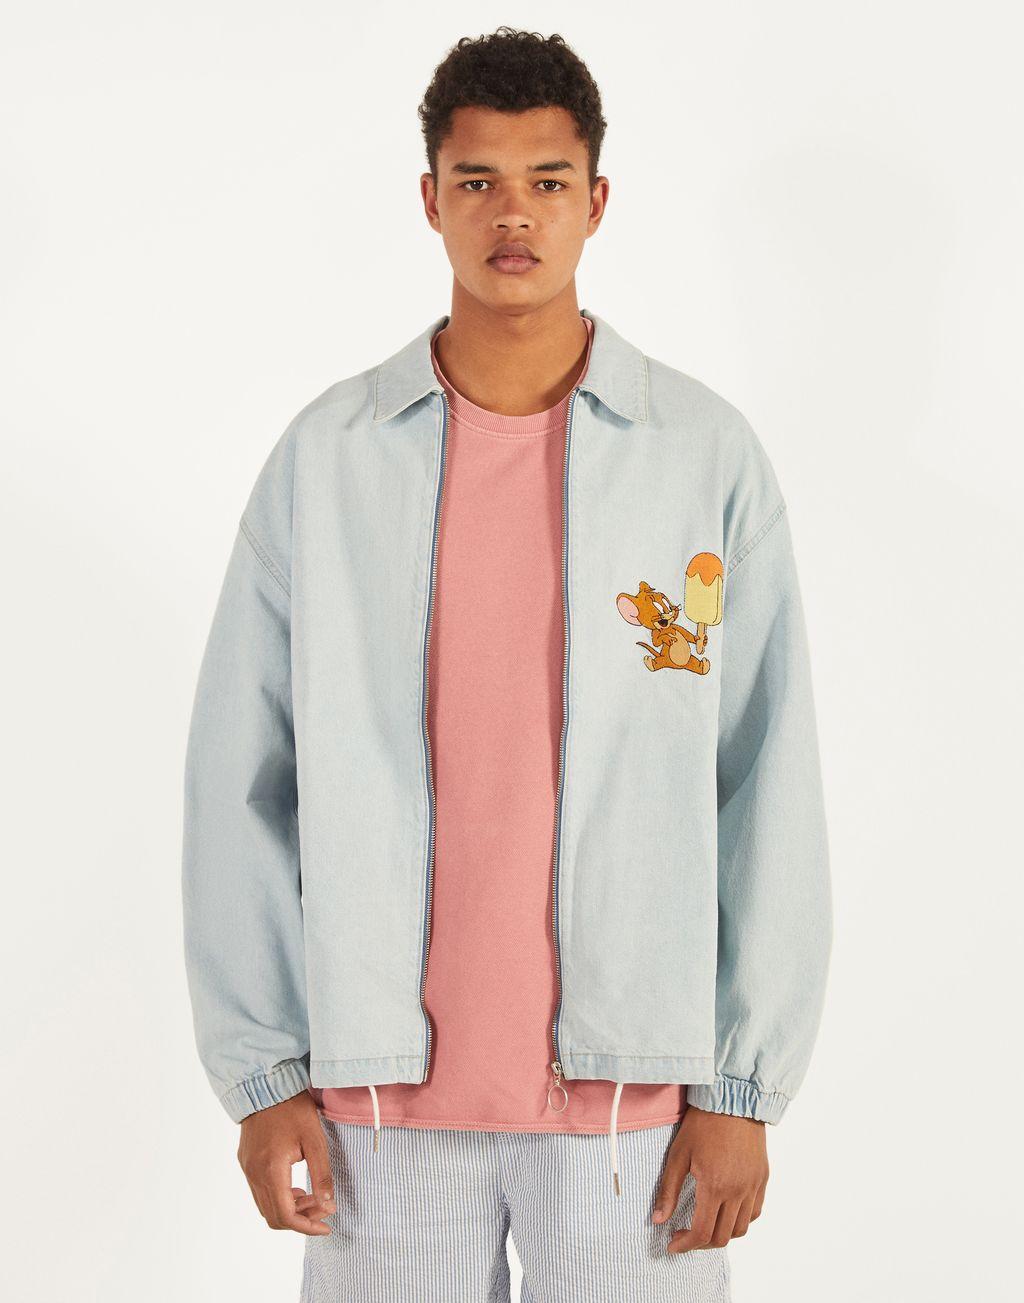 Tom & Jerry denim jacket